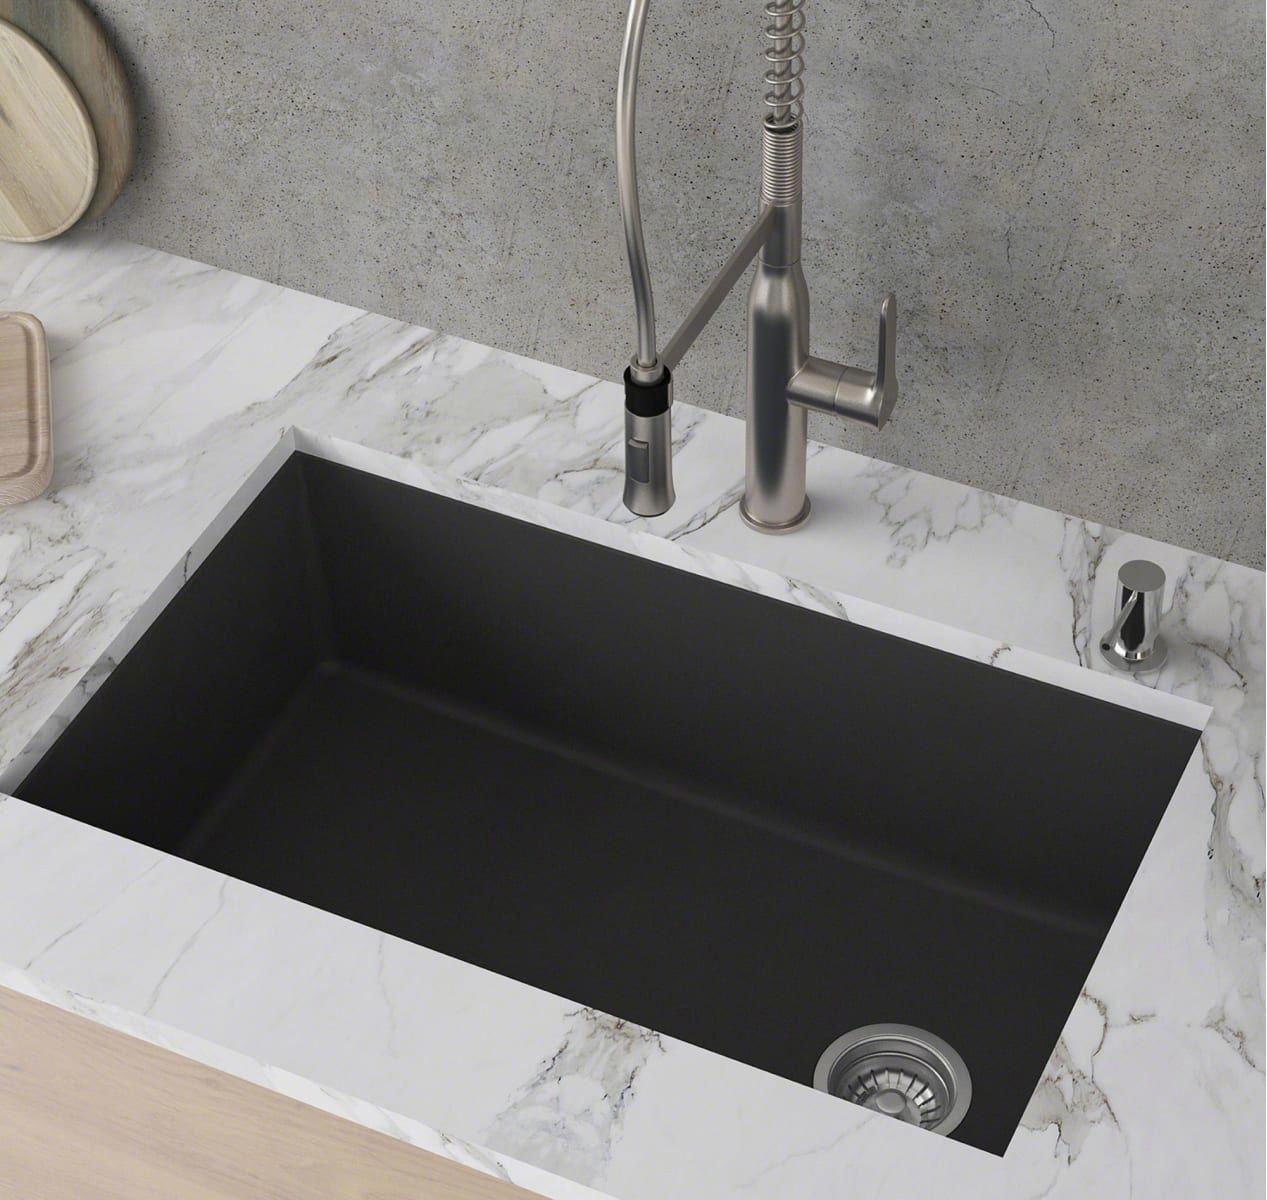 Kitchensink Granite Kitchen Sinks Black Kitchen Sink Undermount Kitchen Sinks